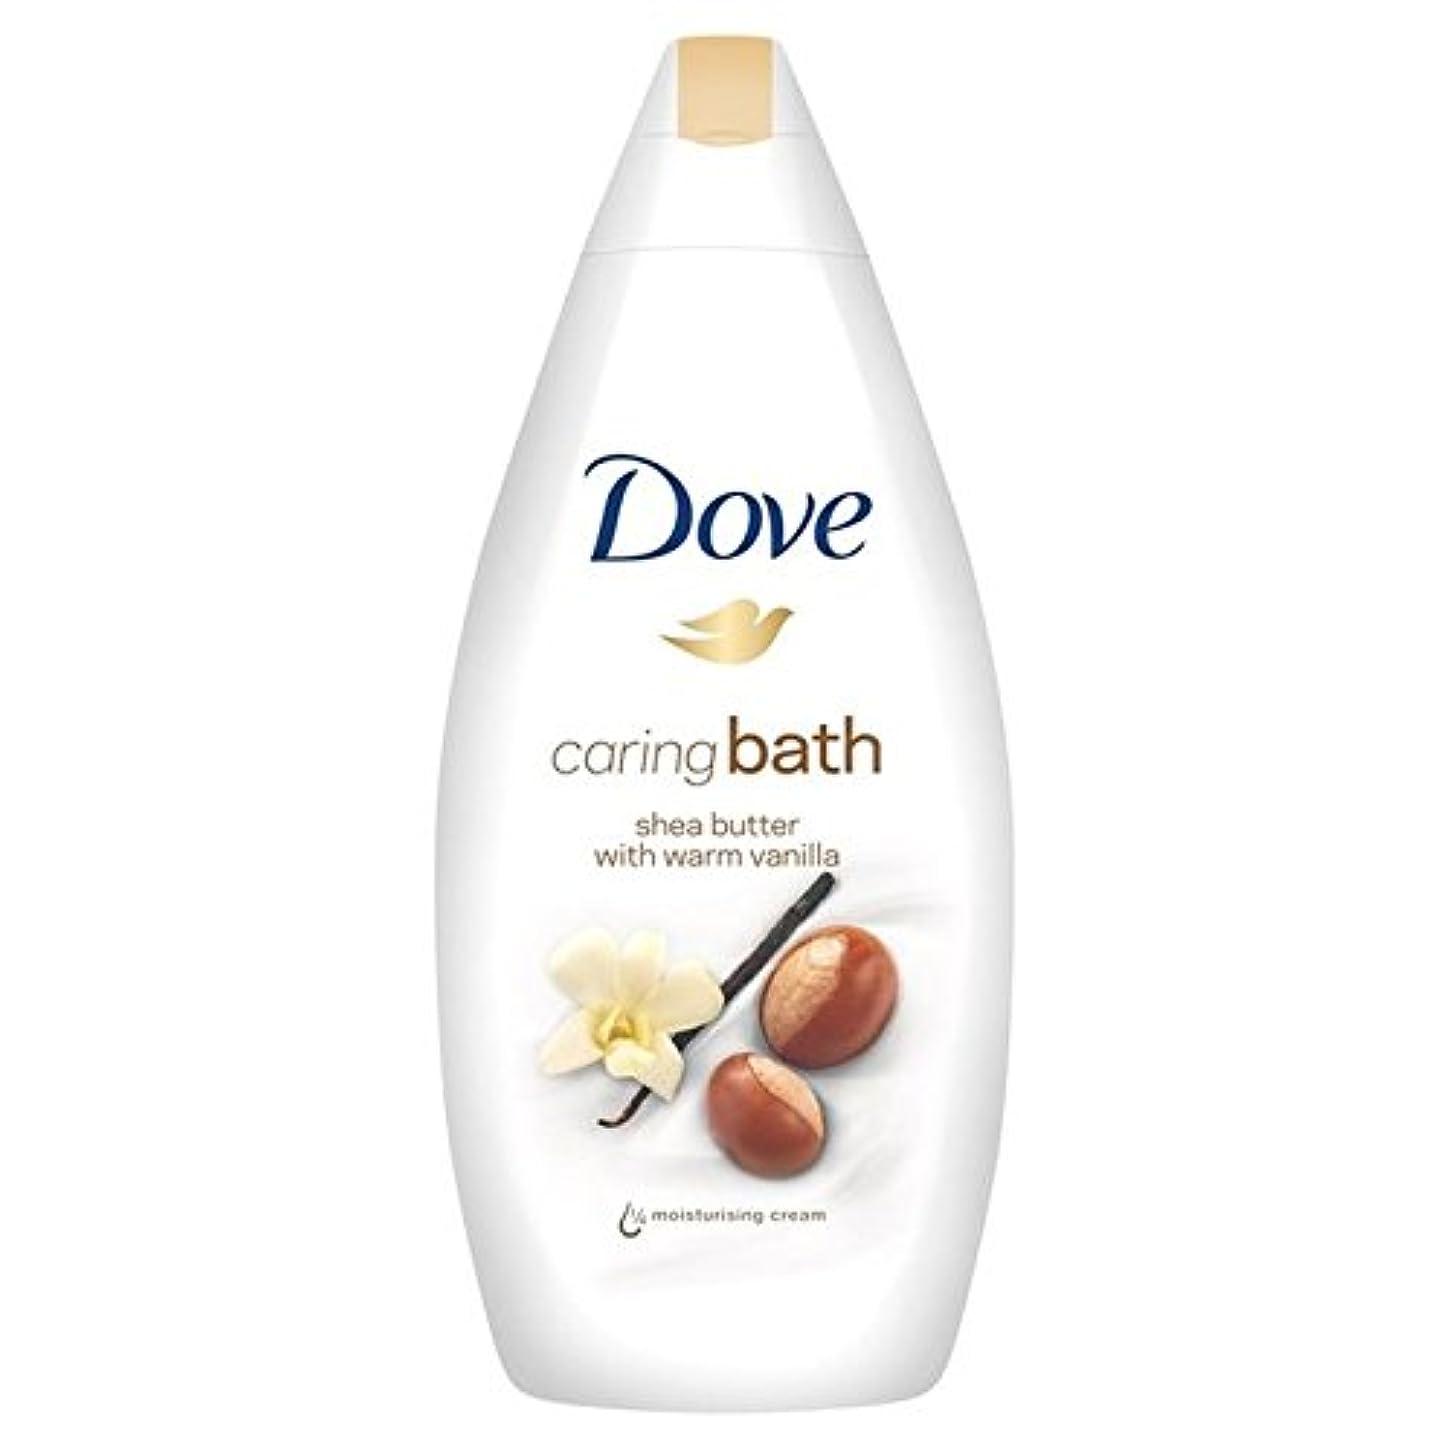 傾向がある販売員永遠にDove Purely Pampering Shea Butter Caring Cream Bath 500ml - 鳩純粋な贅沢シアバター思いやりのあるクリームバス500ミリリットル [並行輸入品]